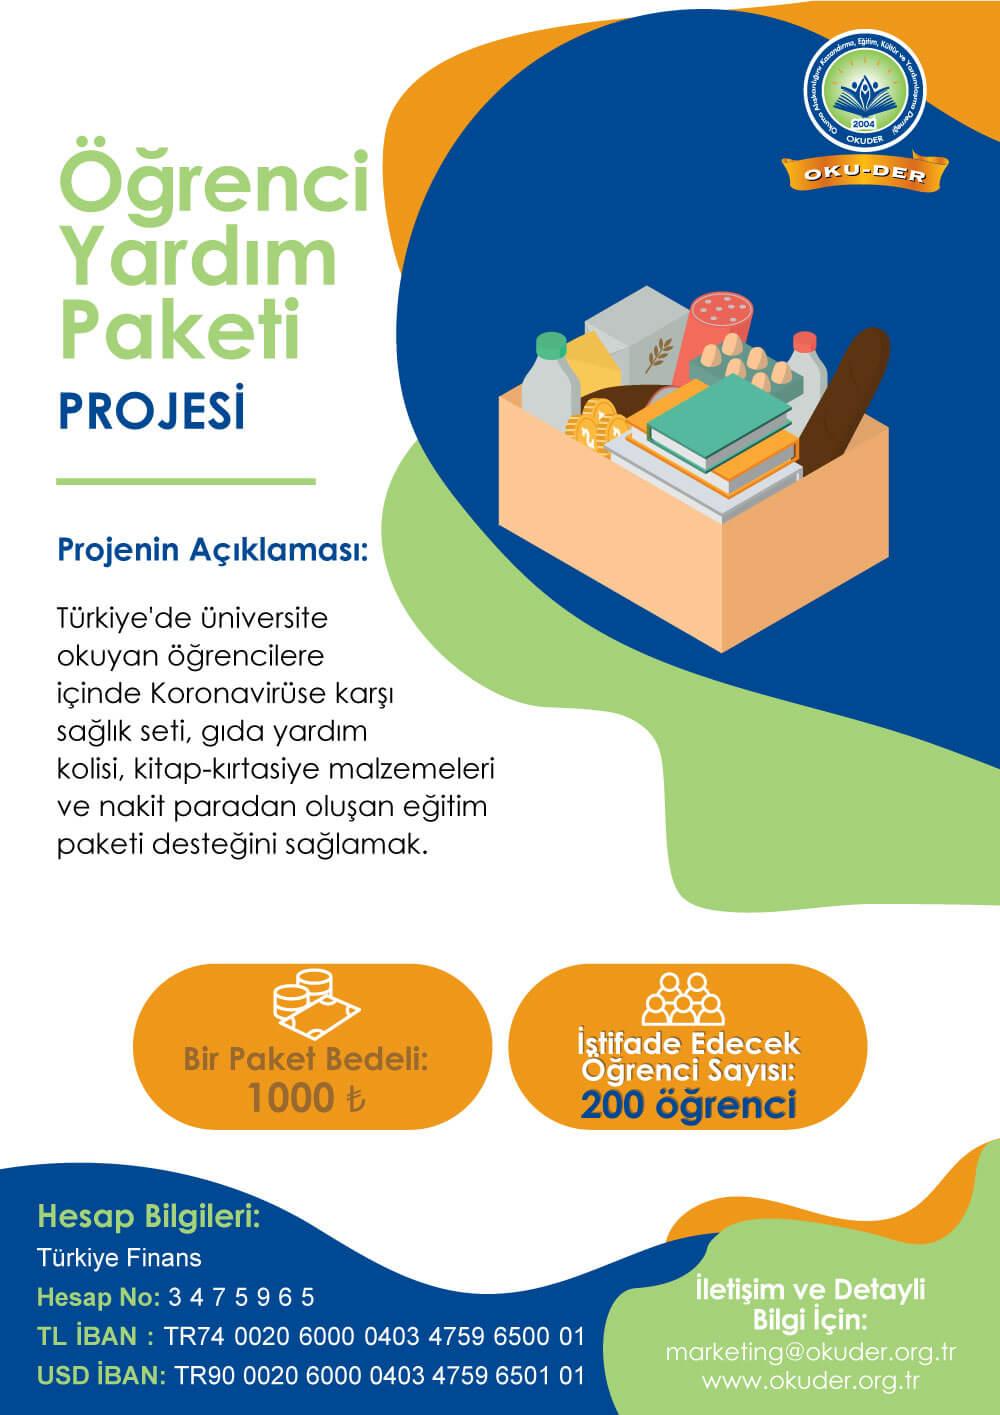 Öğrenci-Yardım-Paketi